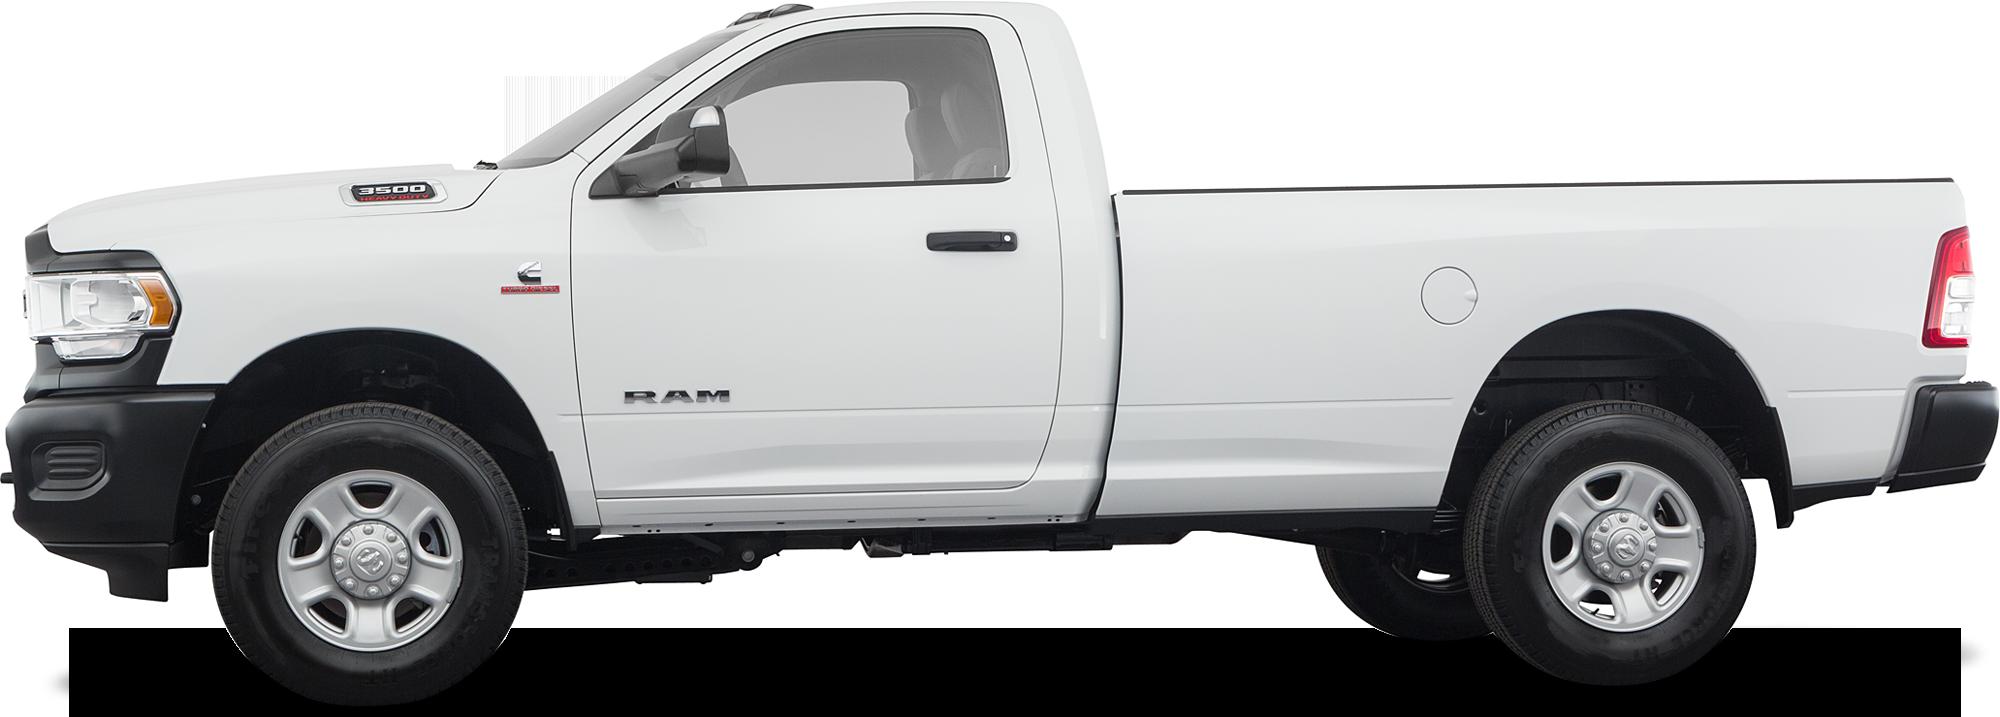 2021 Ram 3500 Camion Tradesman